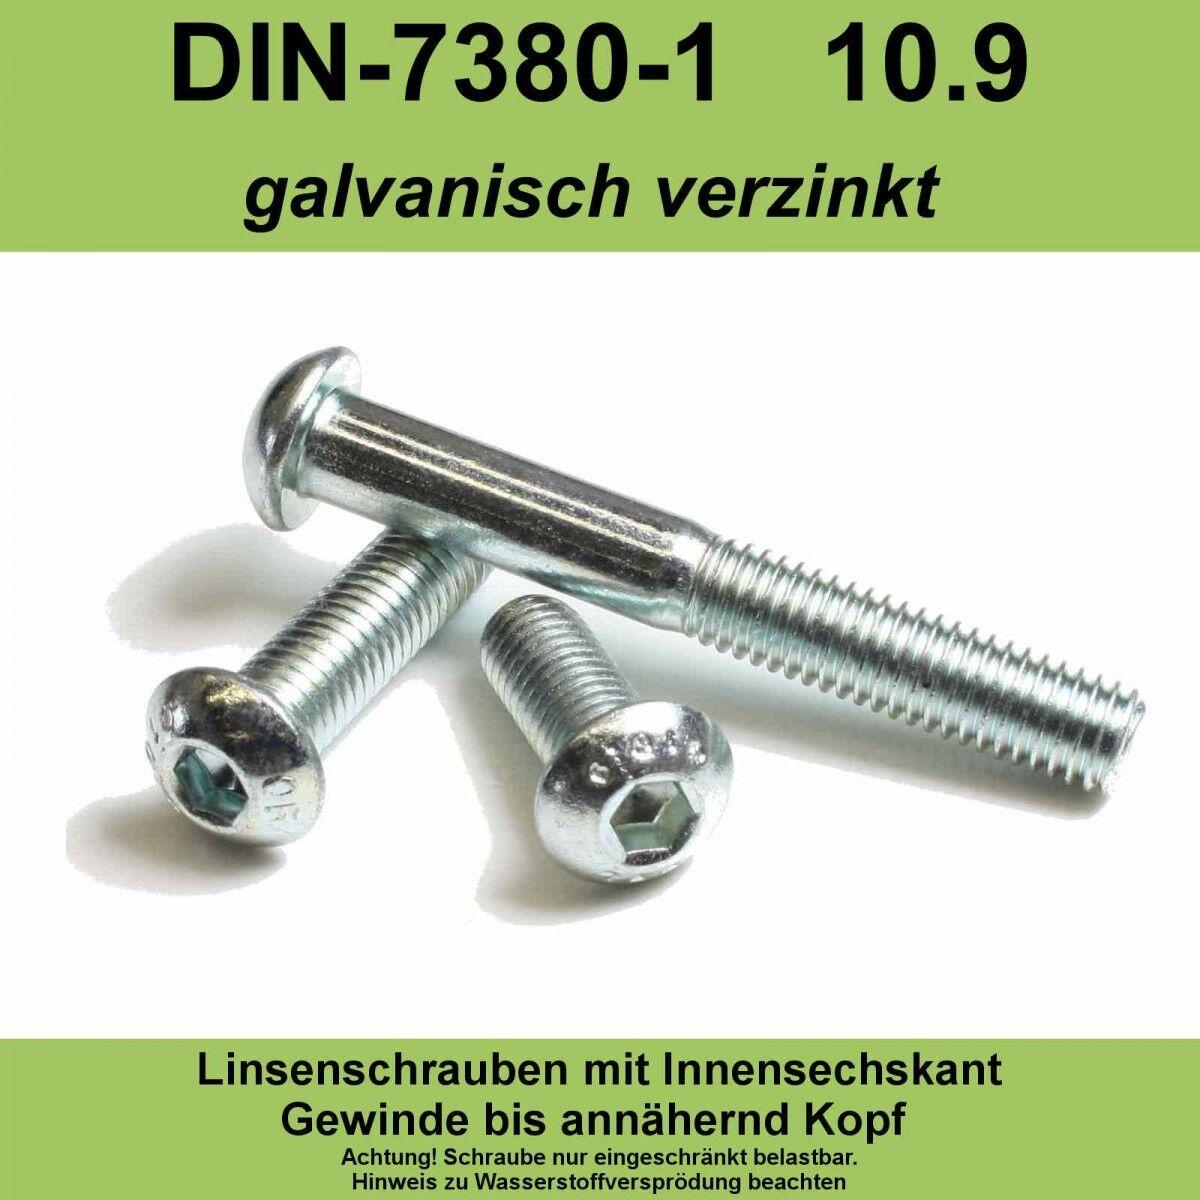 M12 ISO 7380-1 10.9 verzinkte Linsenschrauben Innensechskant Linsenkopf vz M12x